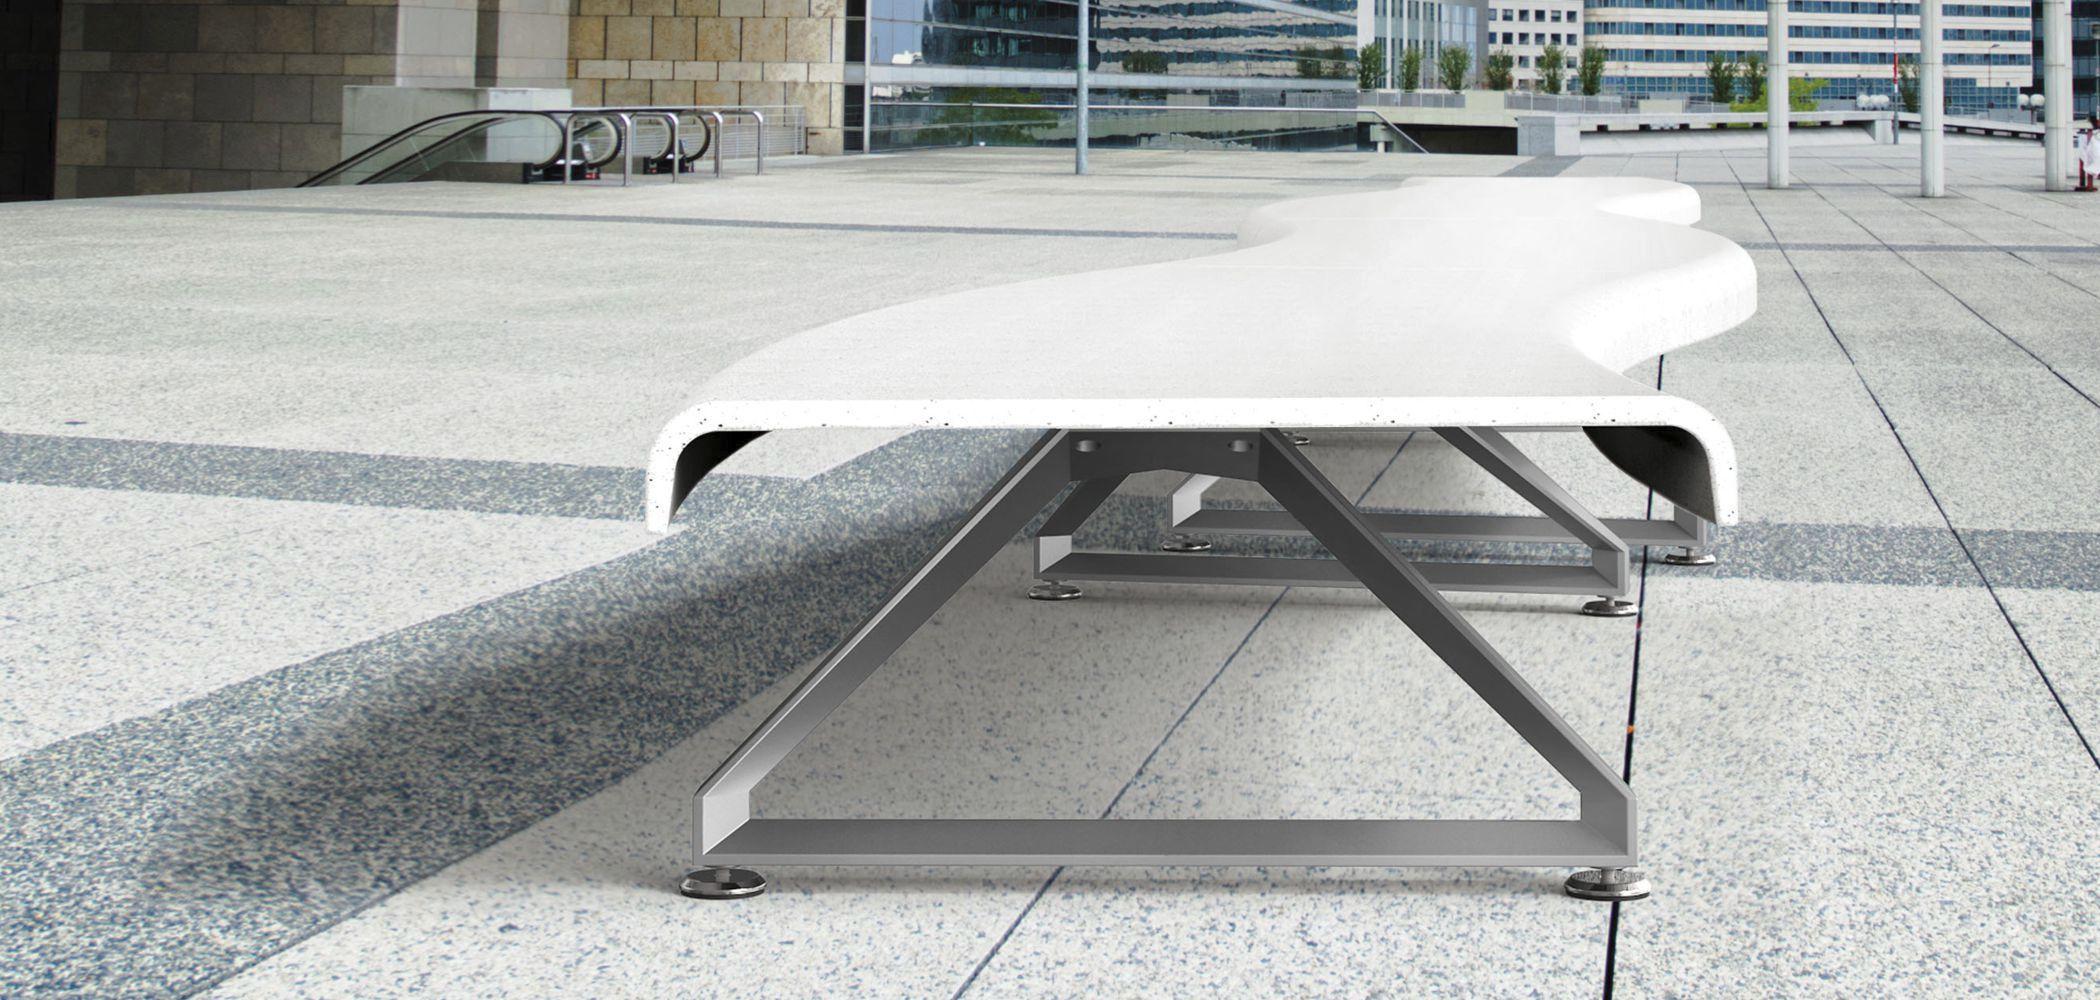 ... Public Bench / Garden / Contemporary / High Performance Concrete